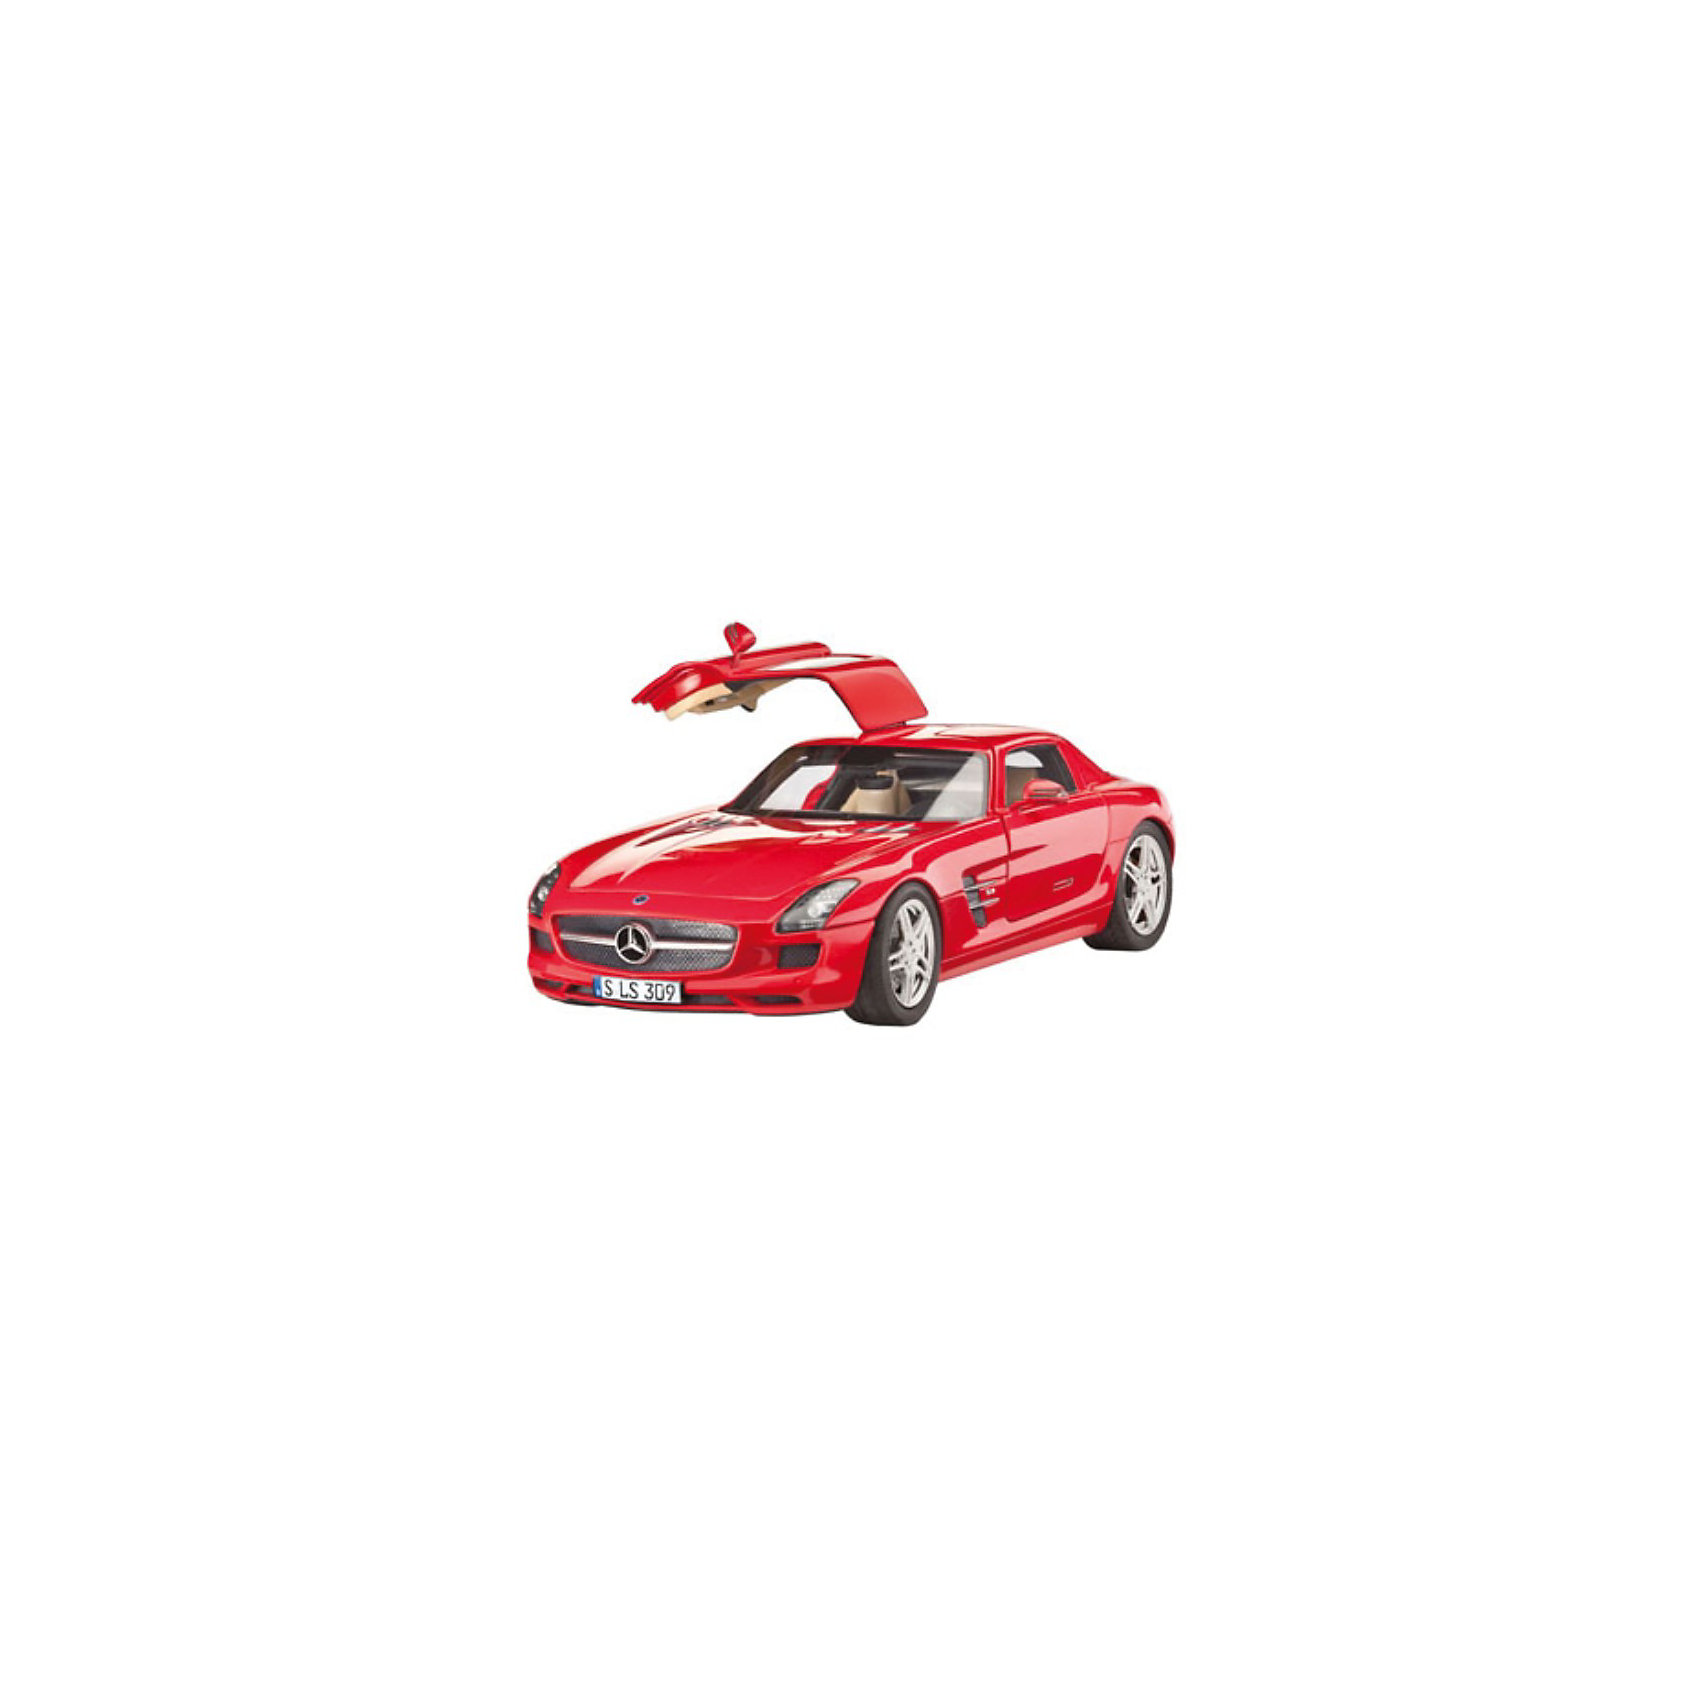 Автомобиль Mercedes SLS AMGМодели для склеивания<br>Характеристики товара:<br><br>• возраст: от 10 лет;<br>• масштаб: 1:24;<br>• количество деталей: 141 шт;<br>• материал: пластик; <br>• клей и краски в комплект не входят;<br>• длина модели: 19,3 см;<br>• бренд, страна бренда: Revell (Ревел),Германия;<br>• страна-изготовитель: Германия.<br><br>Сборная модель для склеивания «Автомобиль Mercedes SLS AMG» поможет вам и вашему ребенку придумать увлекательное занятие на долгое время и получить хорошую игрушку.<br><br>Набор включает в себя 141 пластиковый элемент из которых можно собрать невероятно реалистичную машинку. В комплект также входит схематичная инструкция. Собранный автомобиль имеет прекрасно проработанный салон и реалистичную детализацию.<br><br>Процесс сборки развивает интеллектуальные и инструментальные способности, воображение и конструктивное мышление, а также прививает практические навыки работы со схемами и чертежами.<br><br>Обращаем ваше внимание на тот факт, что для сборки этой модели клей, кисточки и краски в комплект не входят. <br><br>Сборную модель для склеивания «Автомобиль Mercedes SLS AMG», 141 дет., Revell (Ревел) можно купить в нашем интернет-магазине.<br><br>Ширина мм: 360<br>Глубина мм: 215<br>Высота мм: 71<br>Вес г: 411<br>Возраст от месяцев: 168<br>Возраст до месяцев: 228<br>Пол: Мужской<br>Возраст: Детский<br>SKU: 2071133